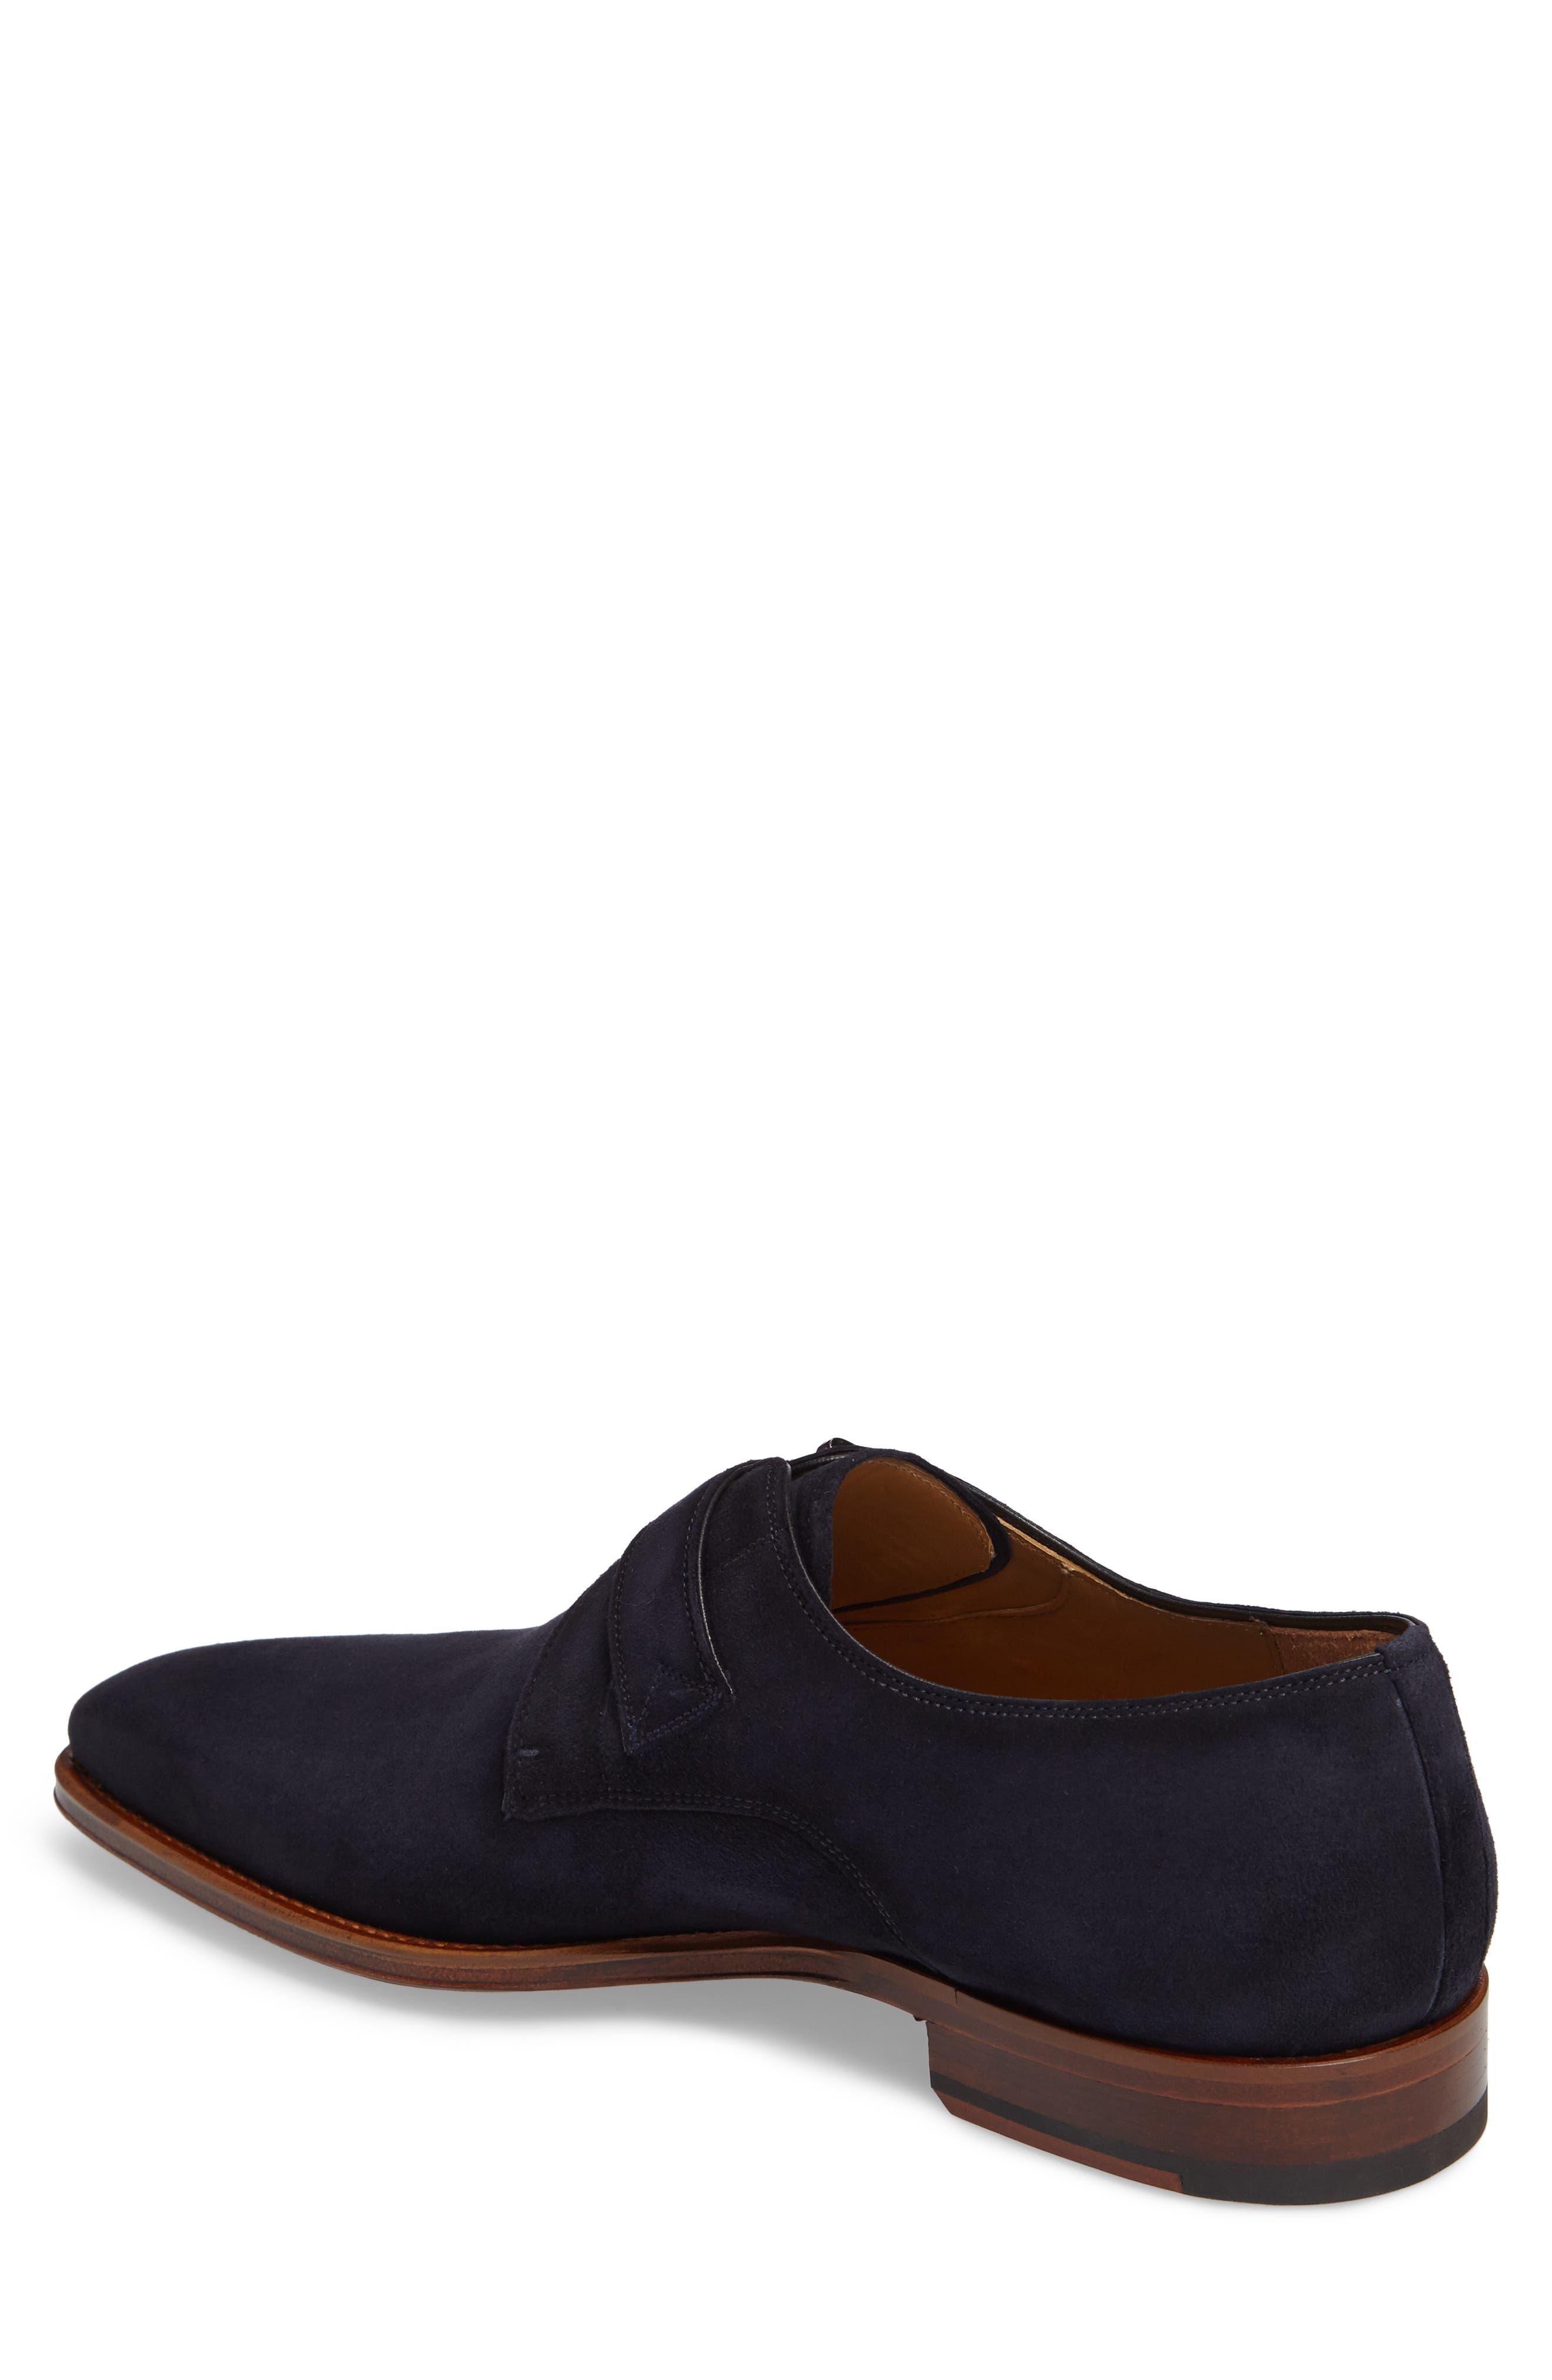 Enrique Monk Strap Shoe,                             Alternate thumbnail 2, color,                             Navy Suede